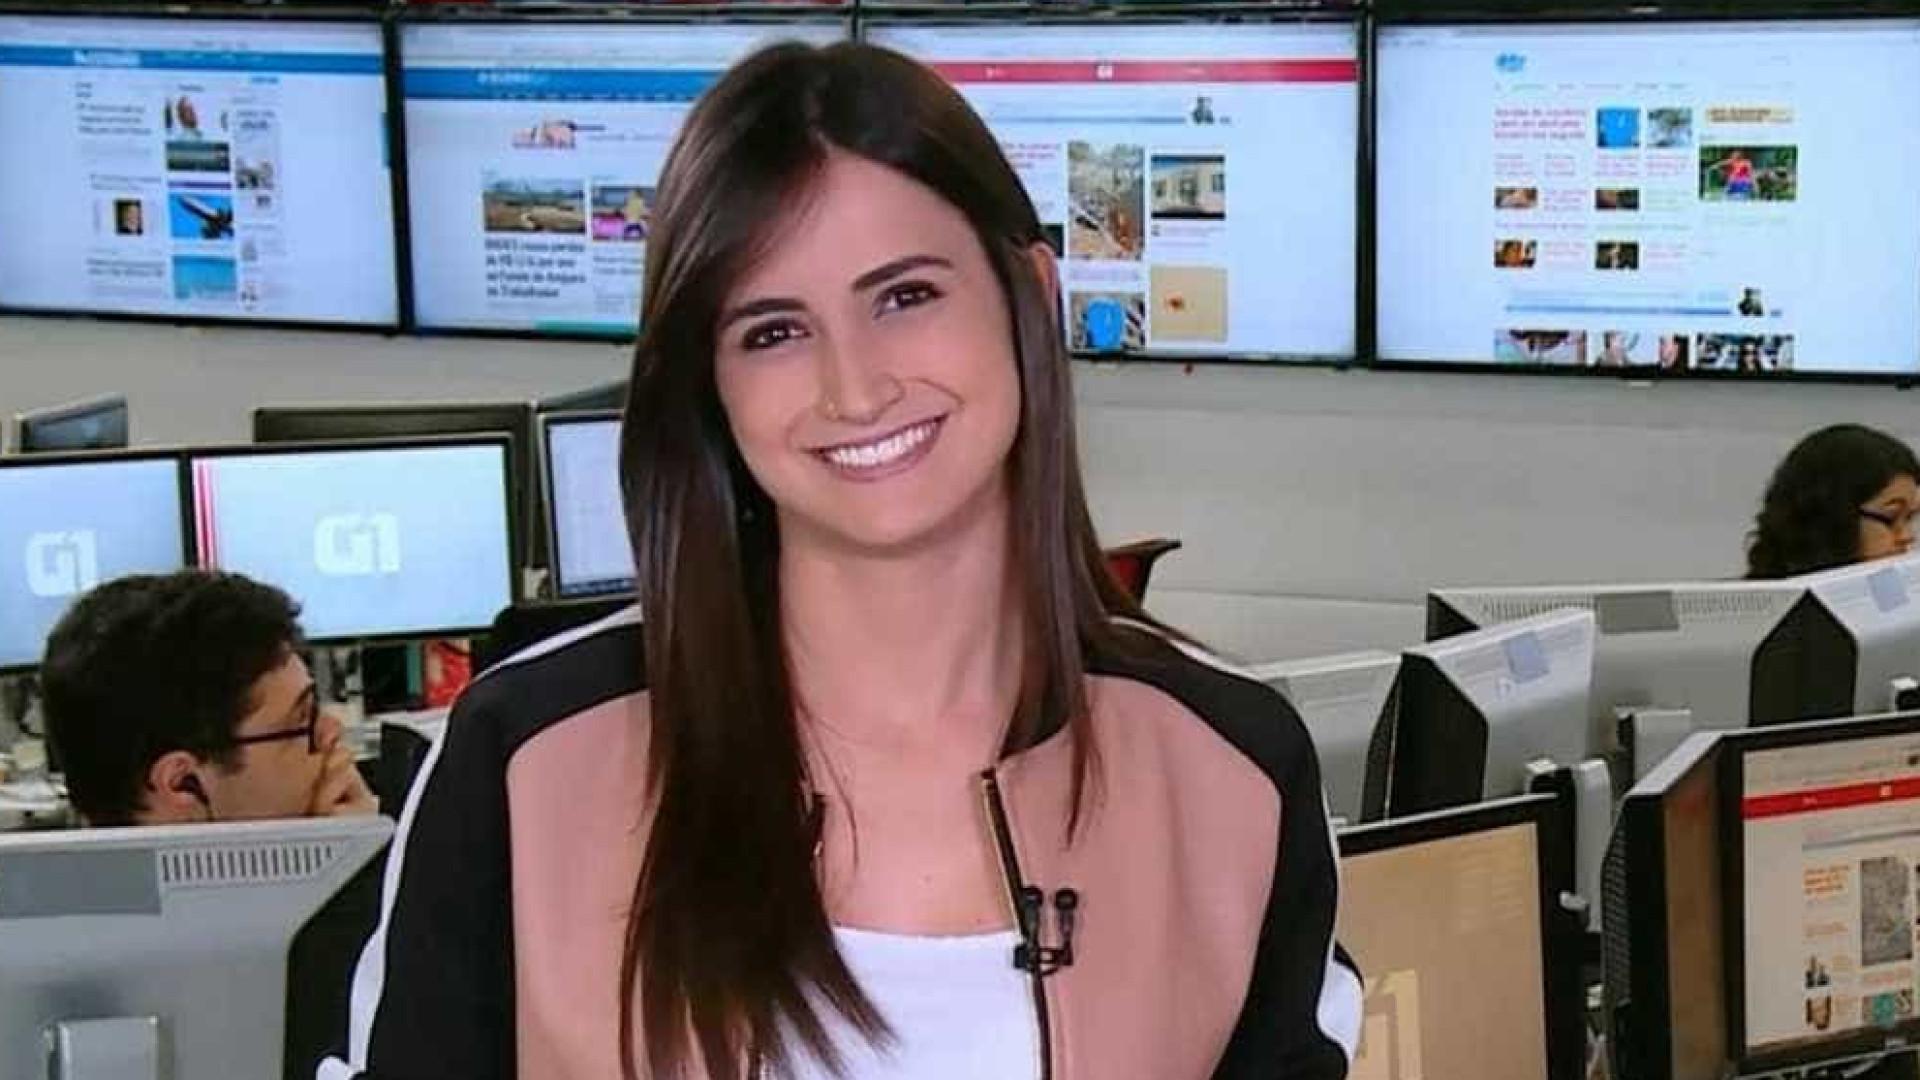 Mari Palma segue os passos de Phelipe Siani e pede demissão da Globo